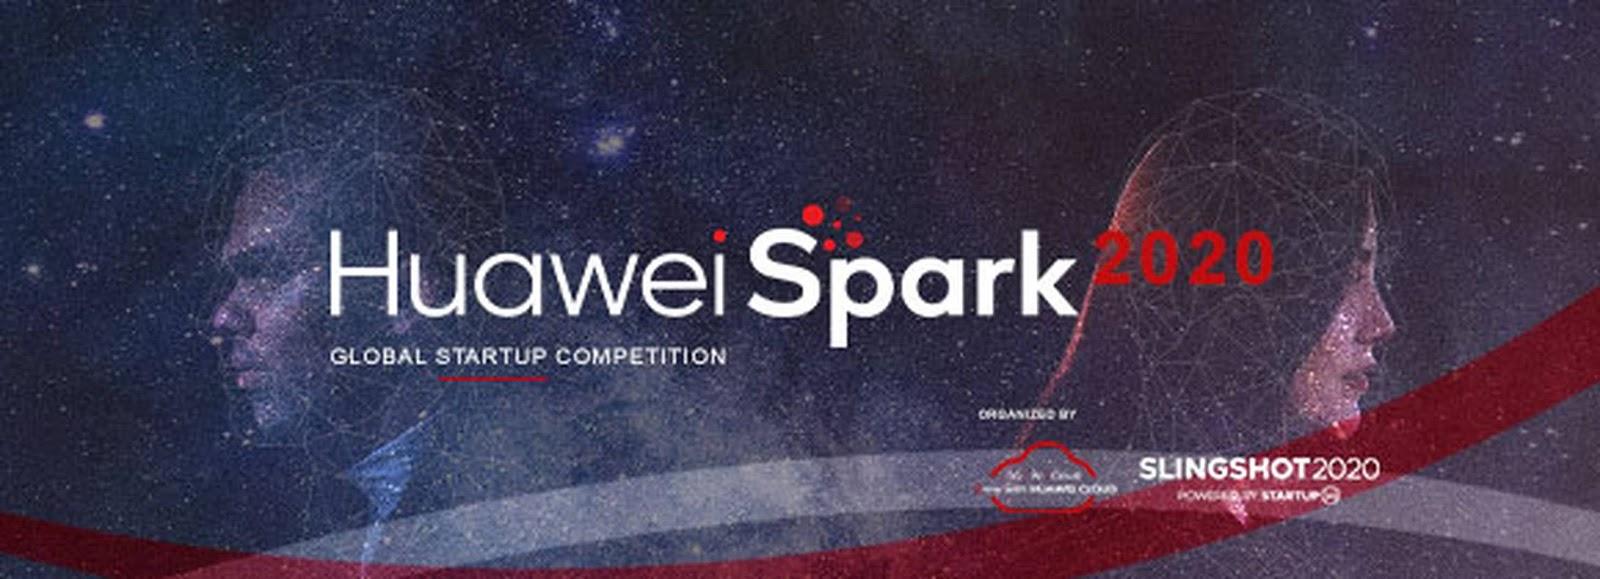 Huawei เปิดตัวโครงการ Spark & Blossom หนุนอีโคซิสเต็ม Cloud สำหรับตลาดภูมิภาคเอเชียแปซิฟิก